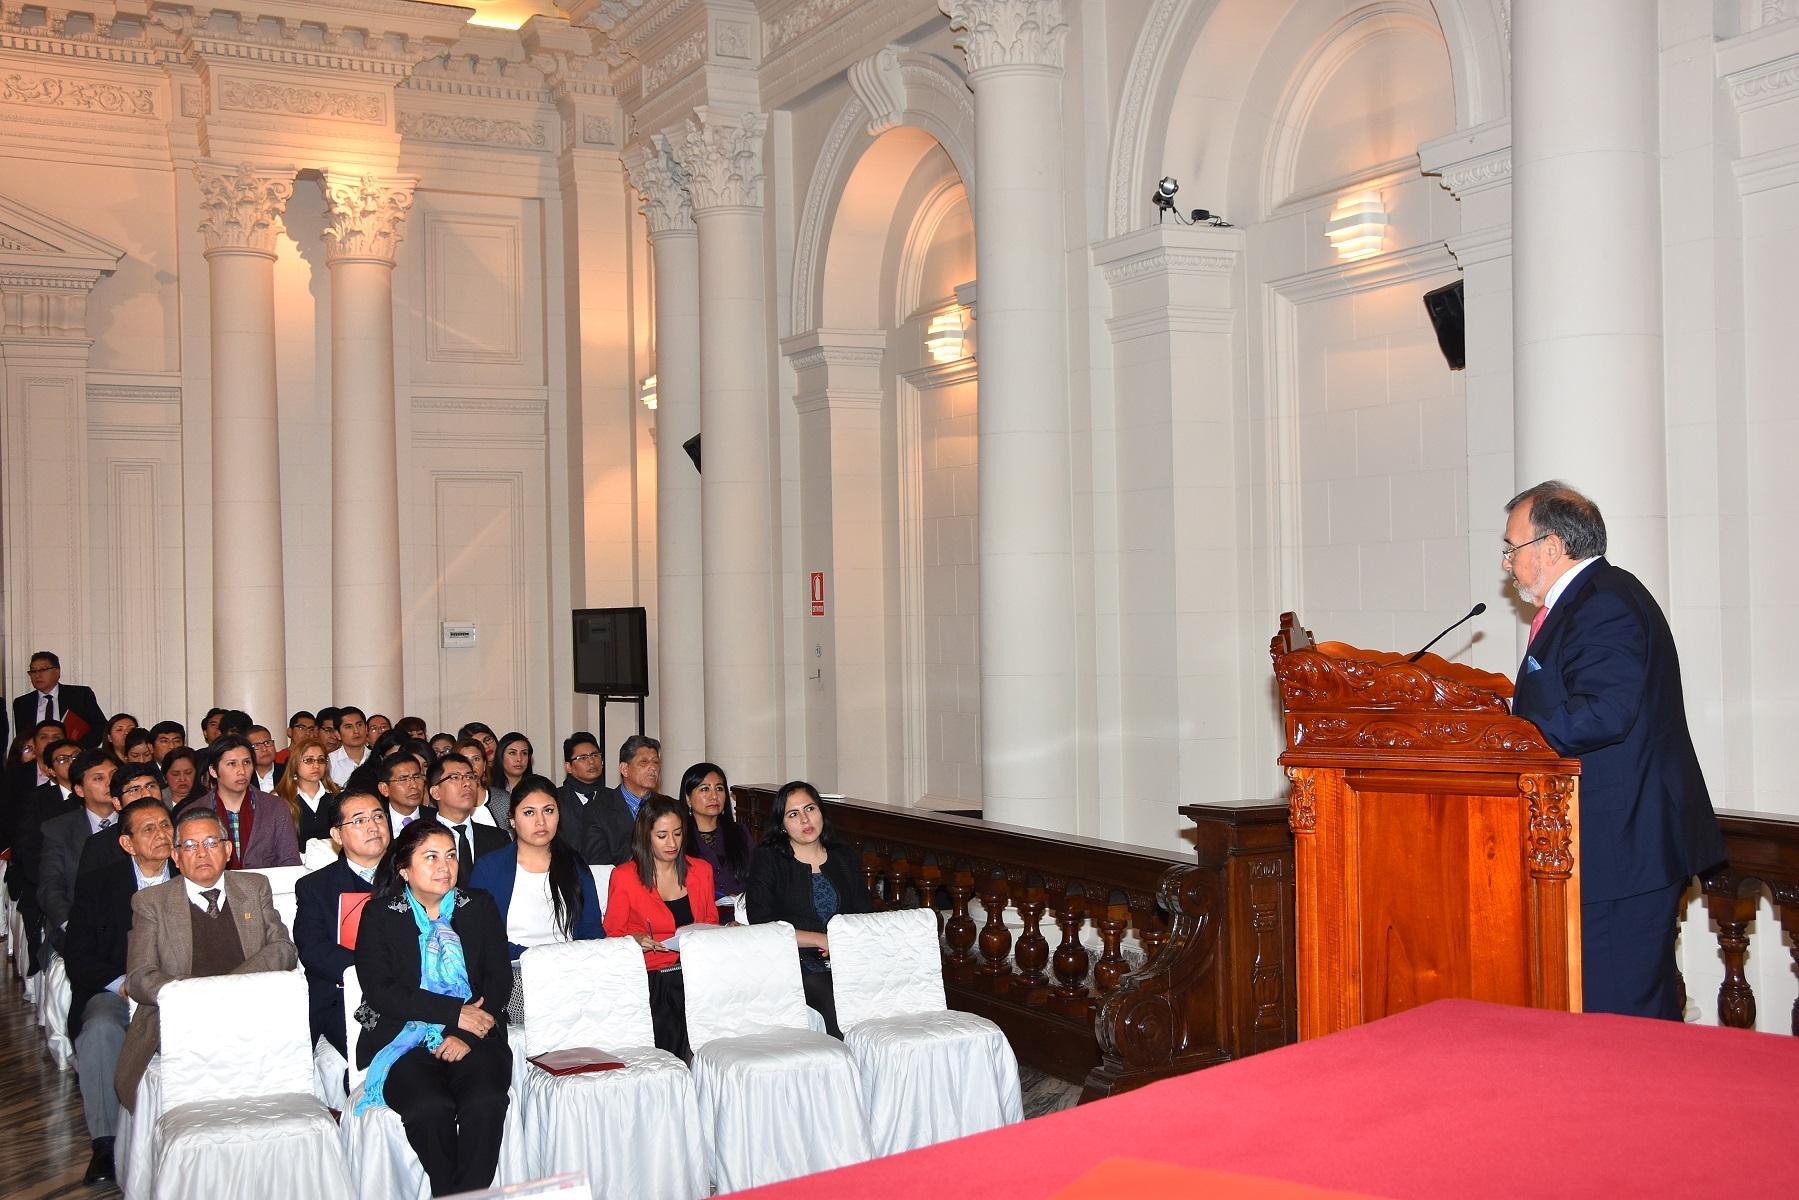 2016-10-6 CSJ Peru28, Confer DL Culpab-libert 2282